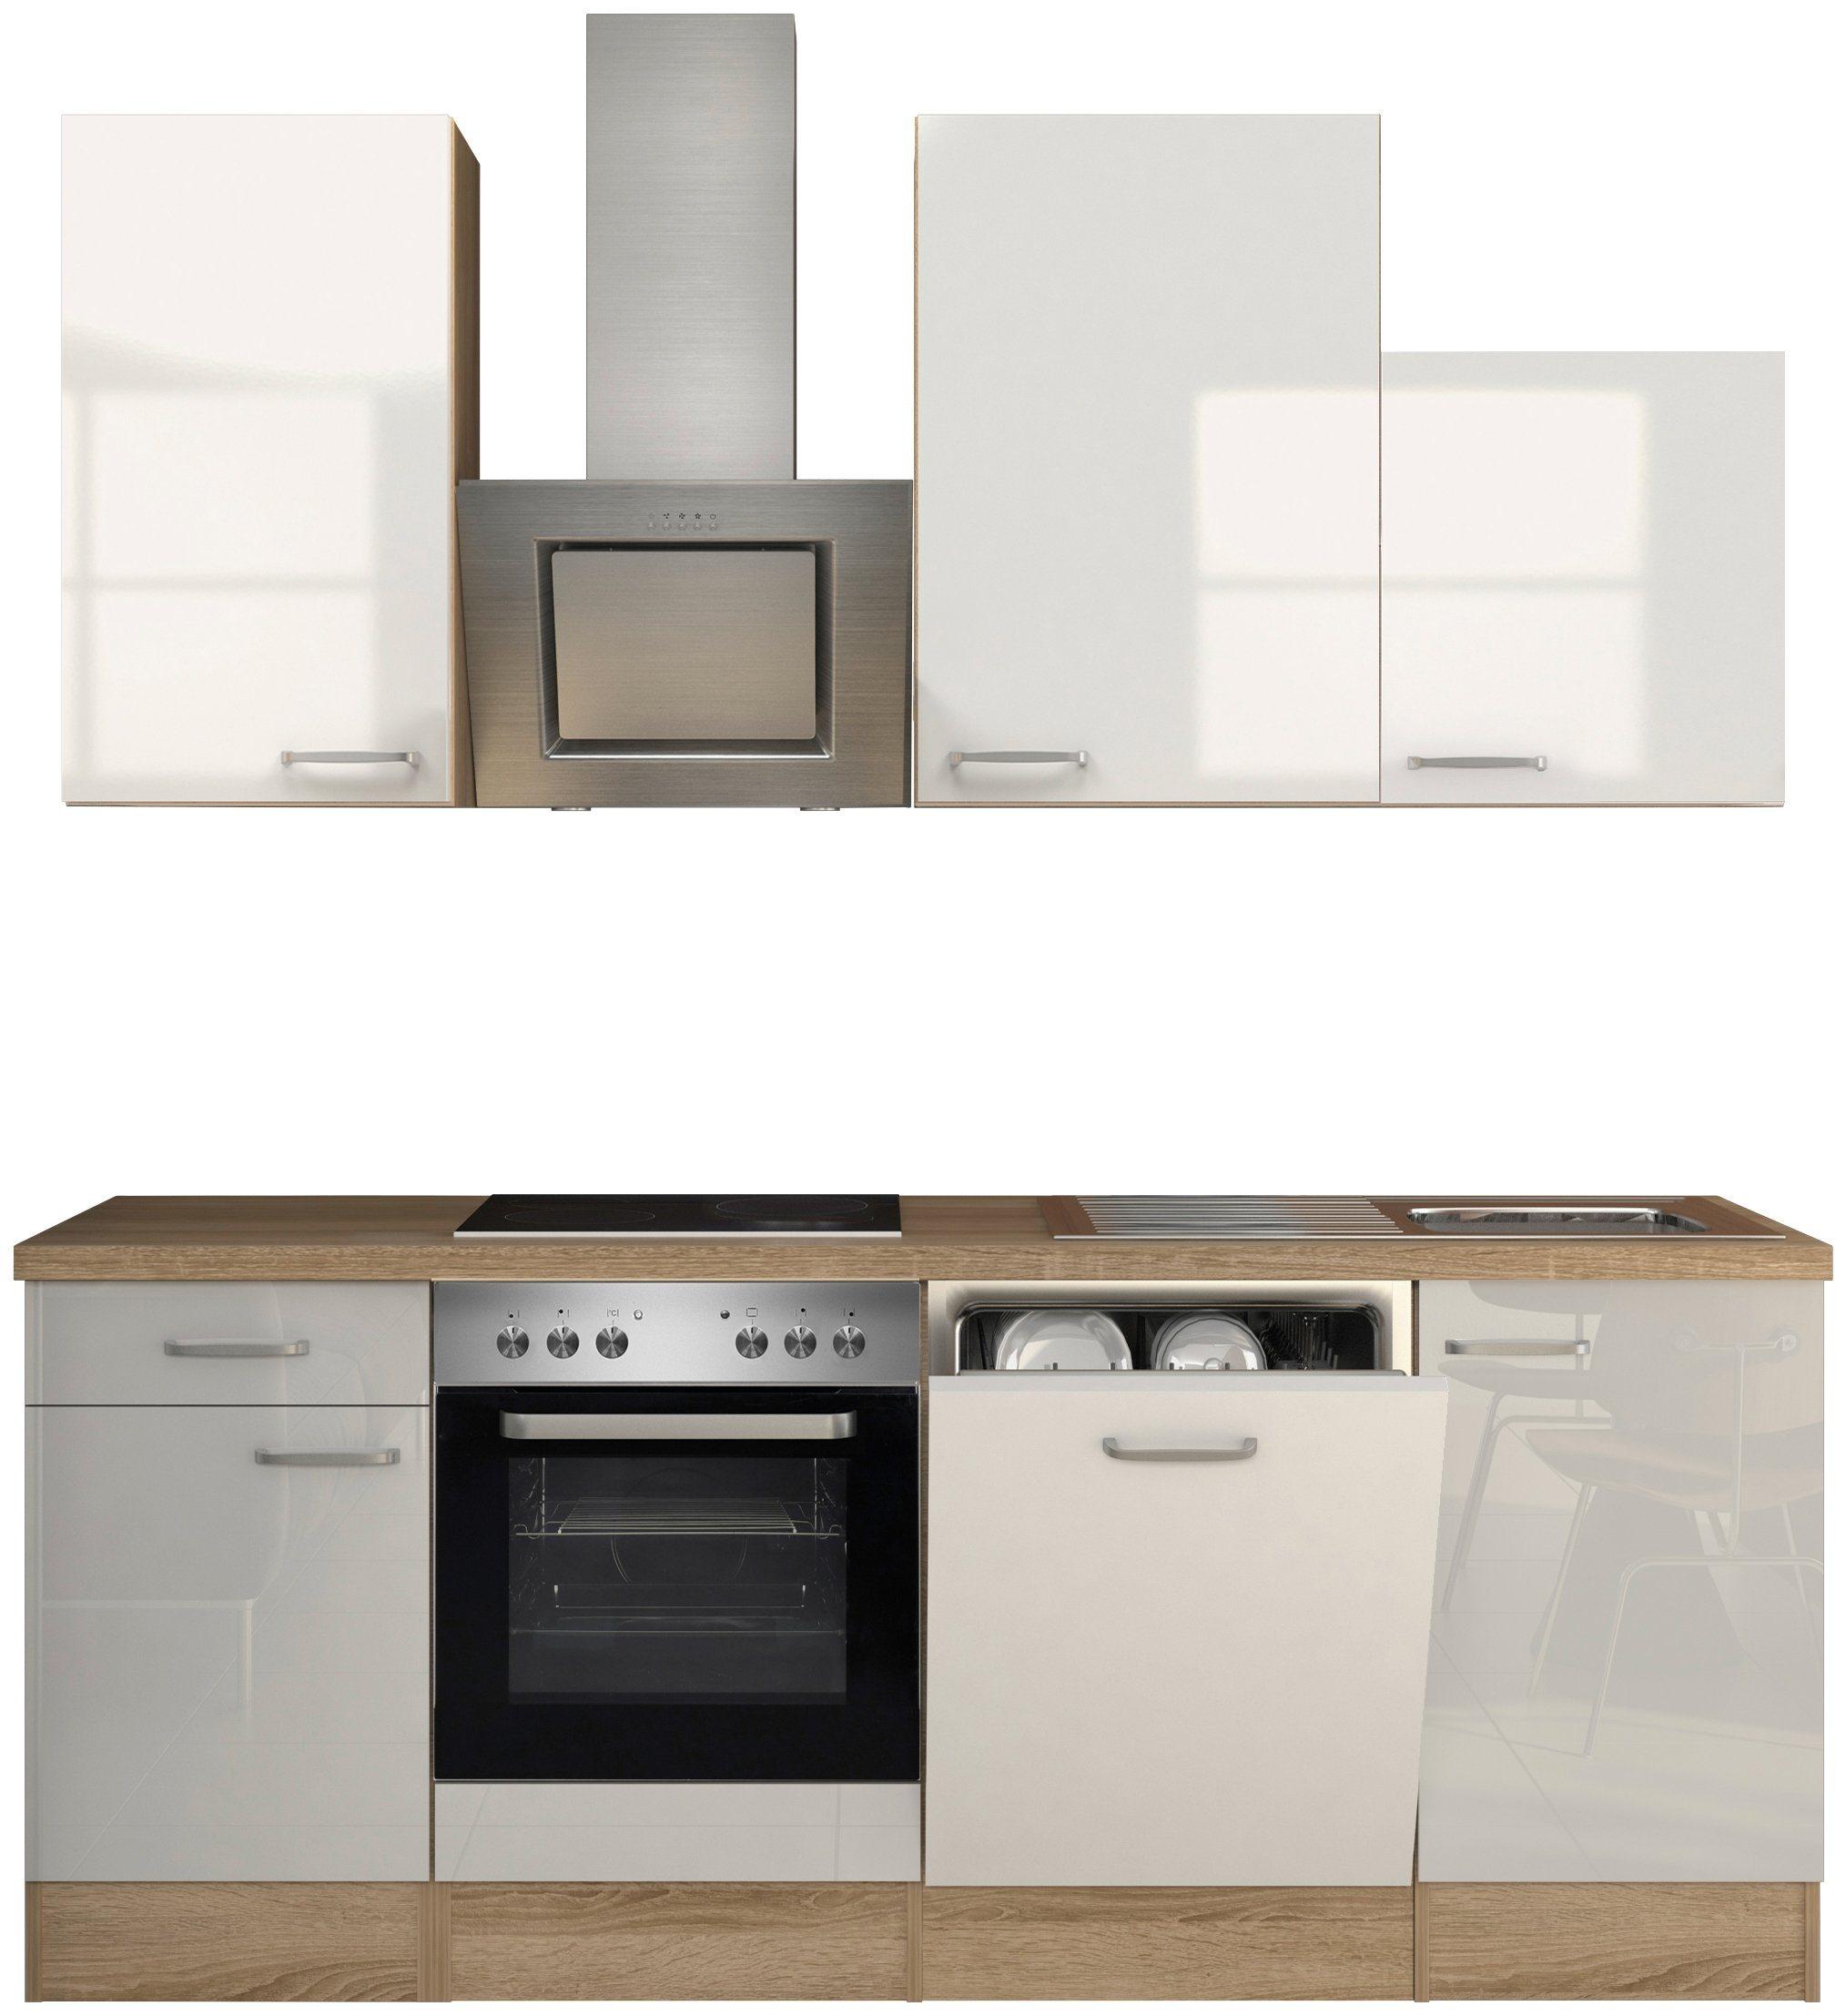 bega Küchenzeilen online kaufen | Möbel-Suchmaschine | ladendirekt.de